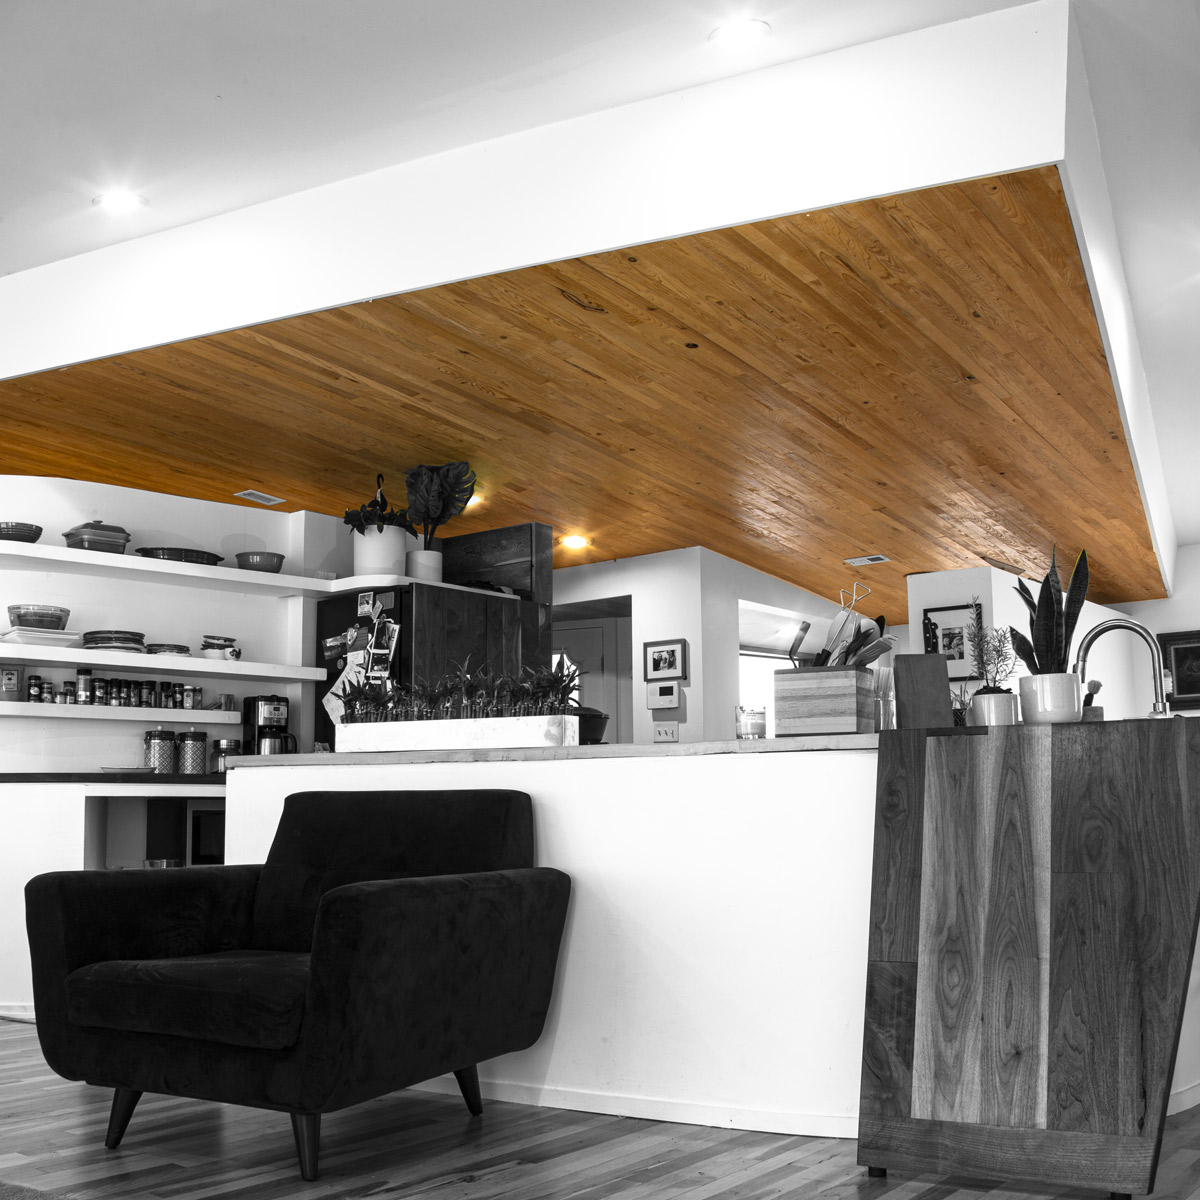 Sinker Cypress T/G wood siding